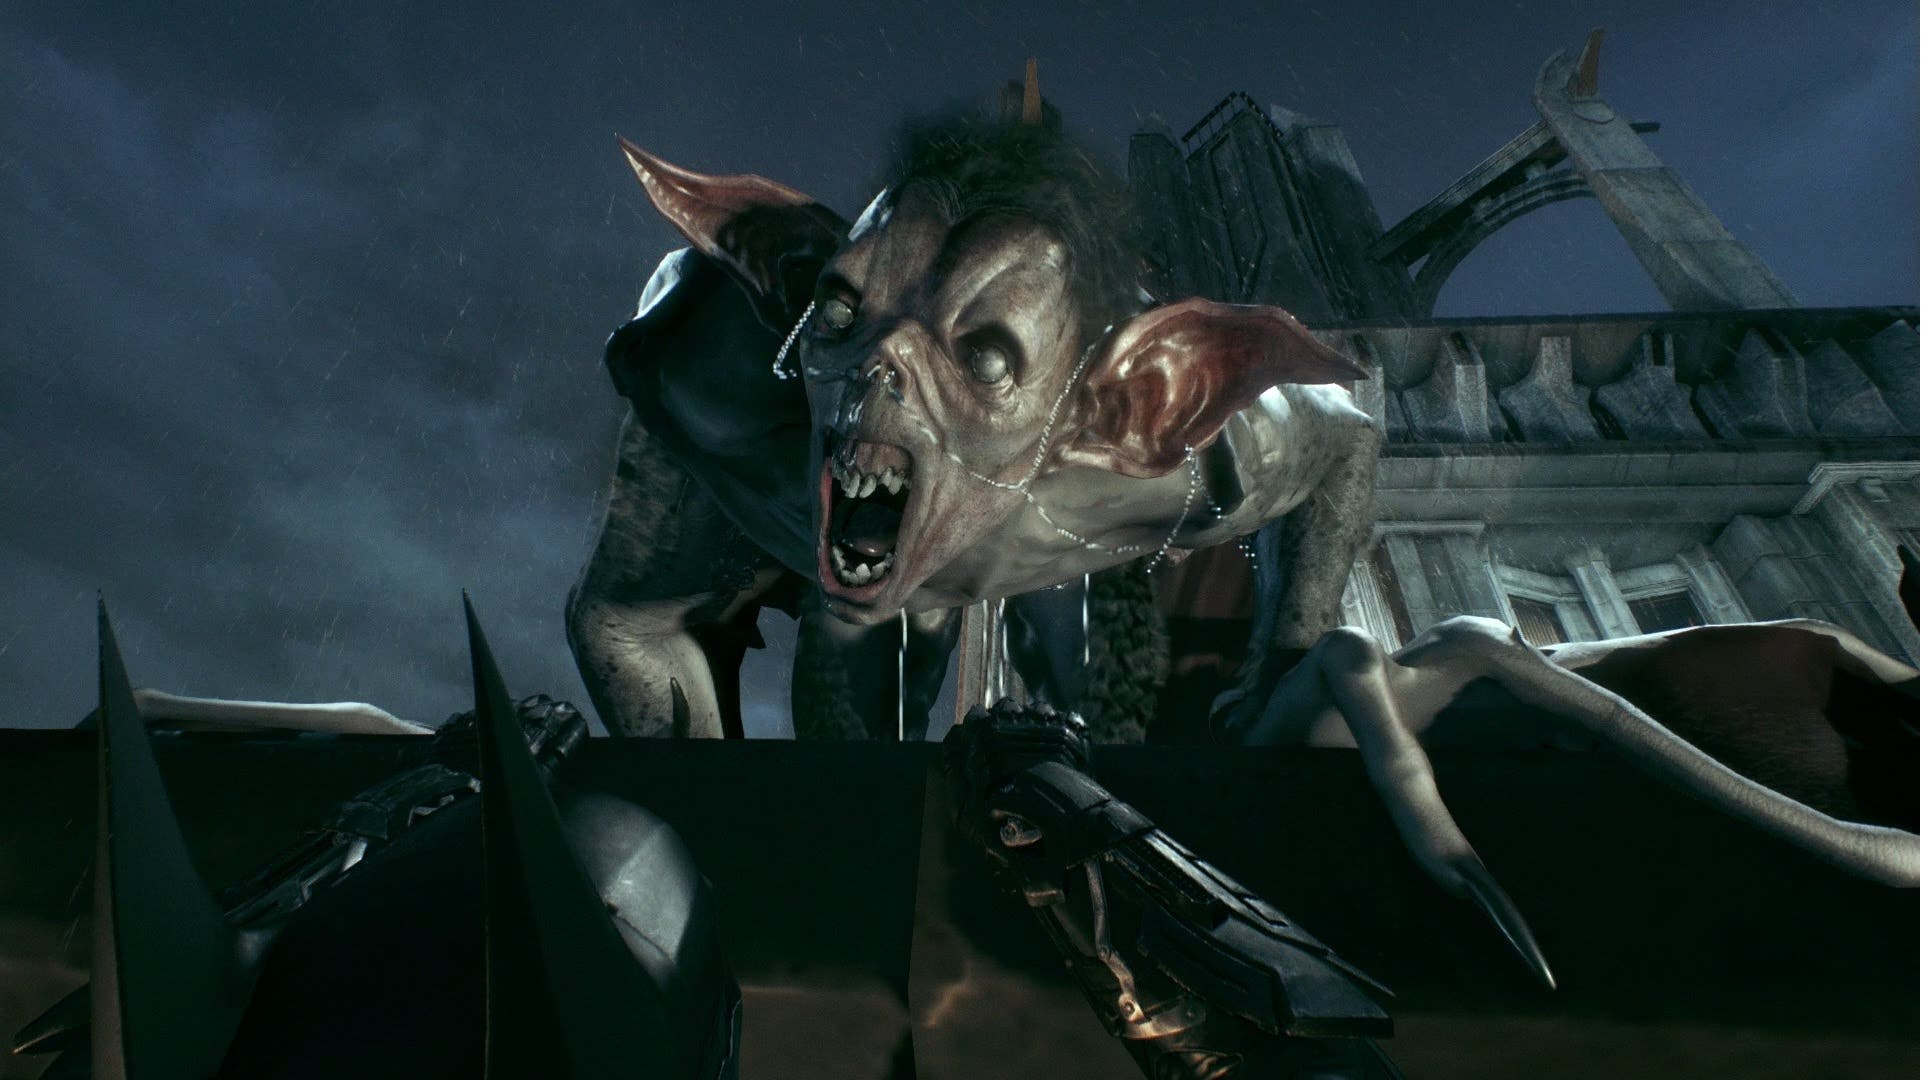 Easter Egg en Batman Arkham Knight relacionado con Halloween